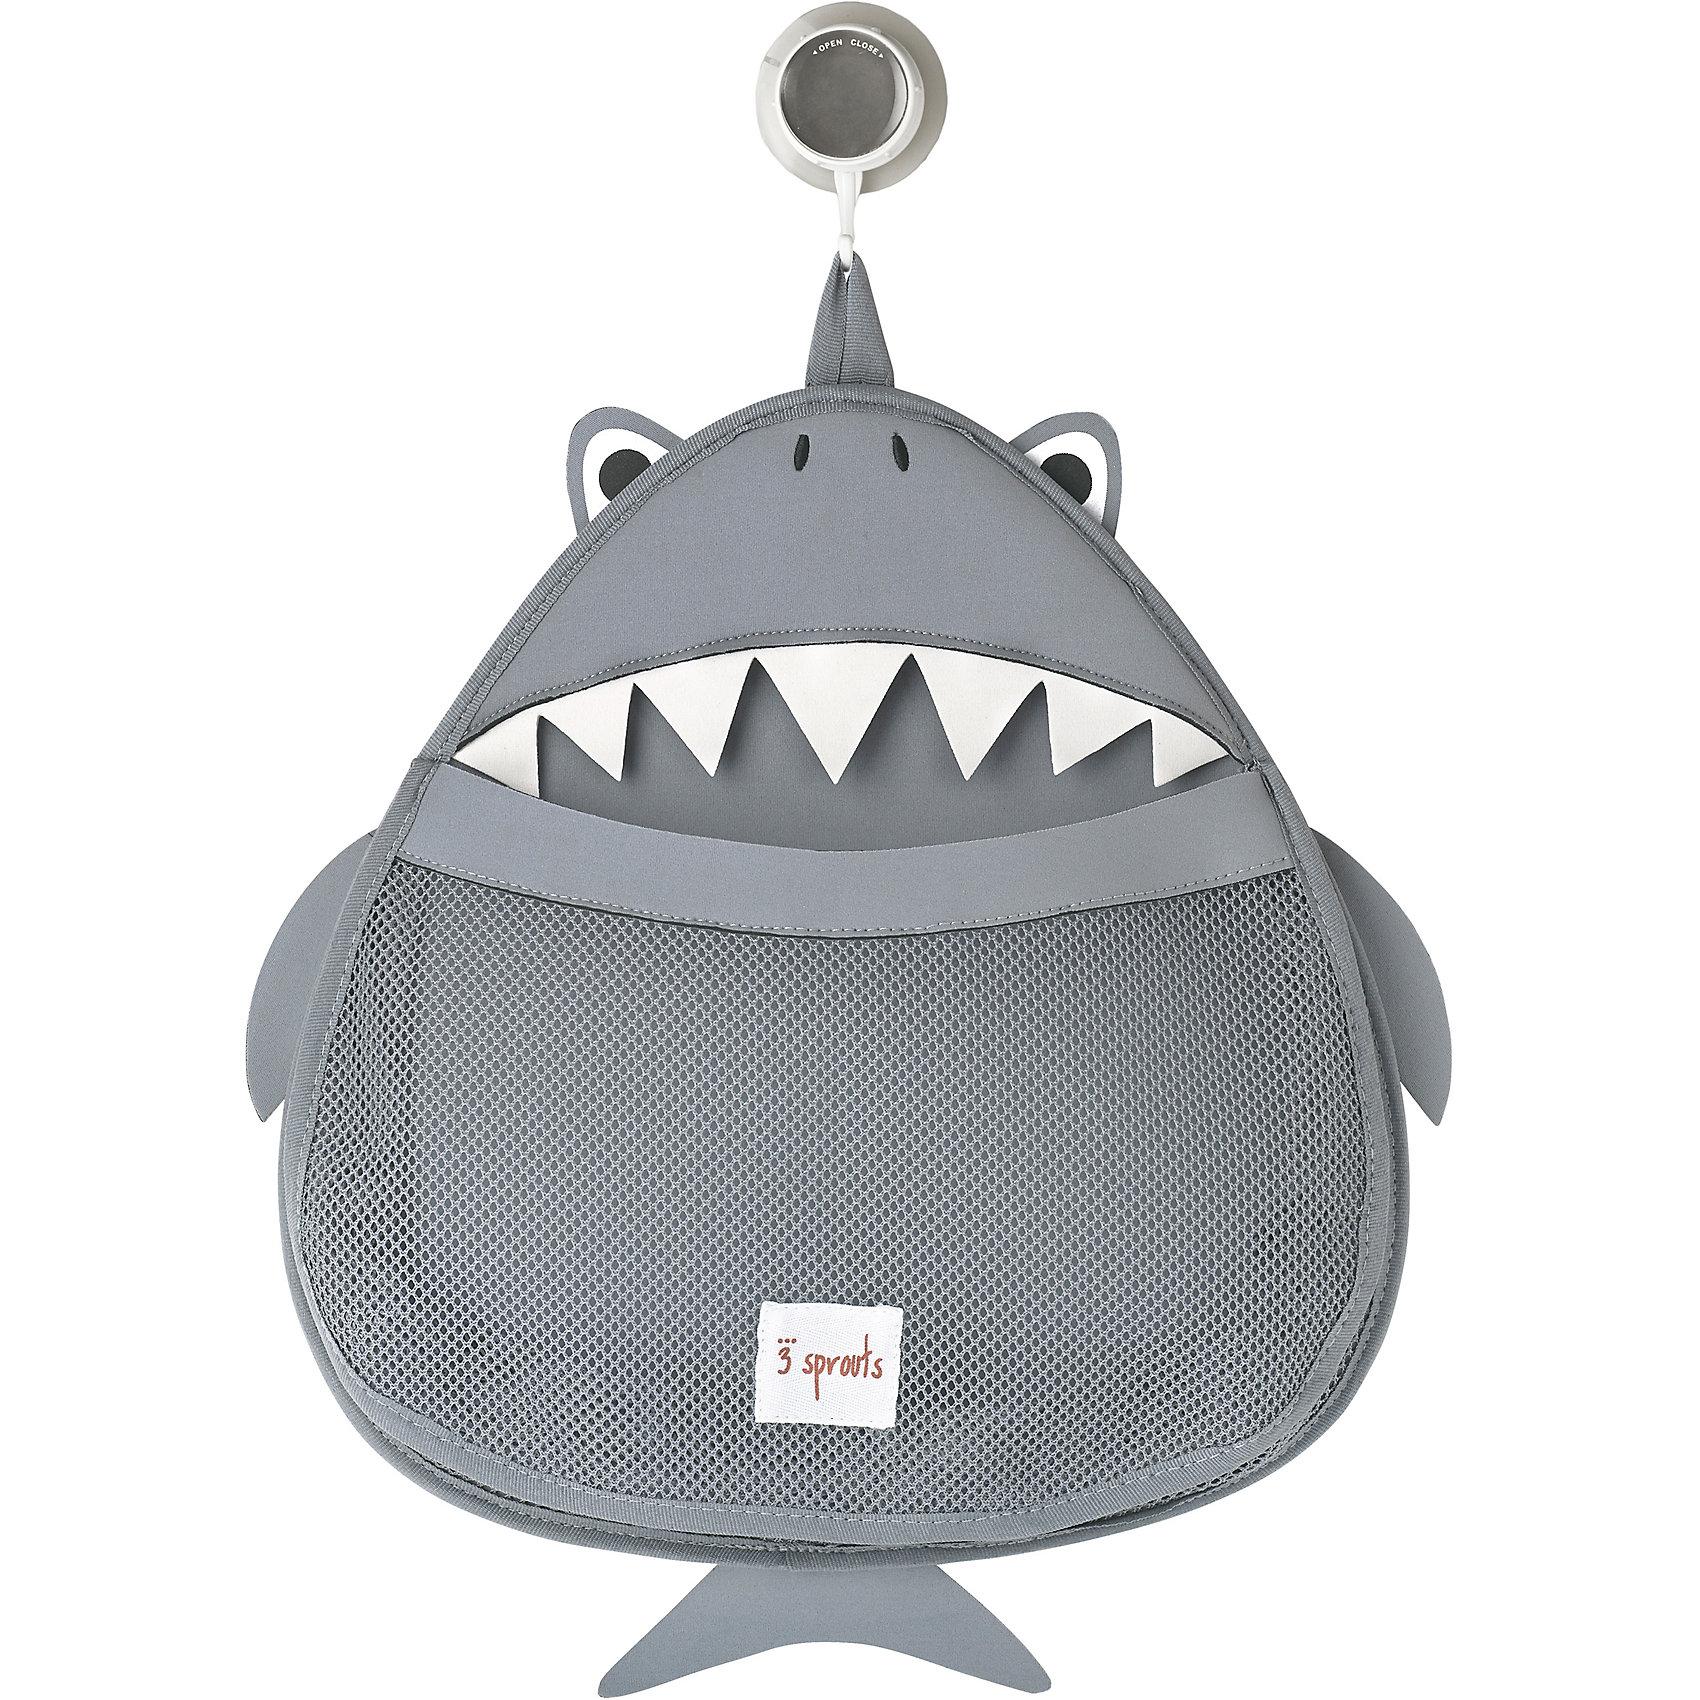 Органайзер для ванной Акула (Grey Shark), 3 SproutsВанная комната<br>Такой яркий органайзер прекрасно подойдёт для хранения банных принадлежностей Вашего малыша! <br><br>Дополнительная информация:<br><br>- Размер: 38х37 см.<br>- Материал: 100% неопрен, 100% полиэстер.<br>- Орнамент: Акула.<br><br>Купить органайзер для ванной Акула (Grey Shark), можно в нашем магазине.<br><br>Ширина мм: 390<br>Глубина мм: 25<br>Высота мм: 370<br>Вес г: 380<br>Возраст от месяцев: 6<br>Возраст до месяцев: 84<br>Пол: Унисекс<br>Возраст: Детский<br>SKU: 5098247